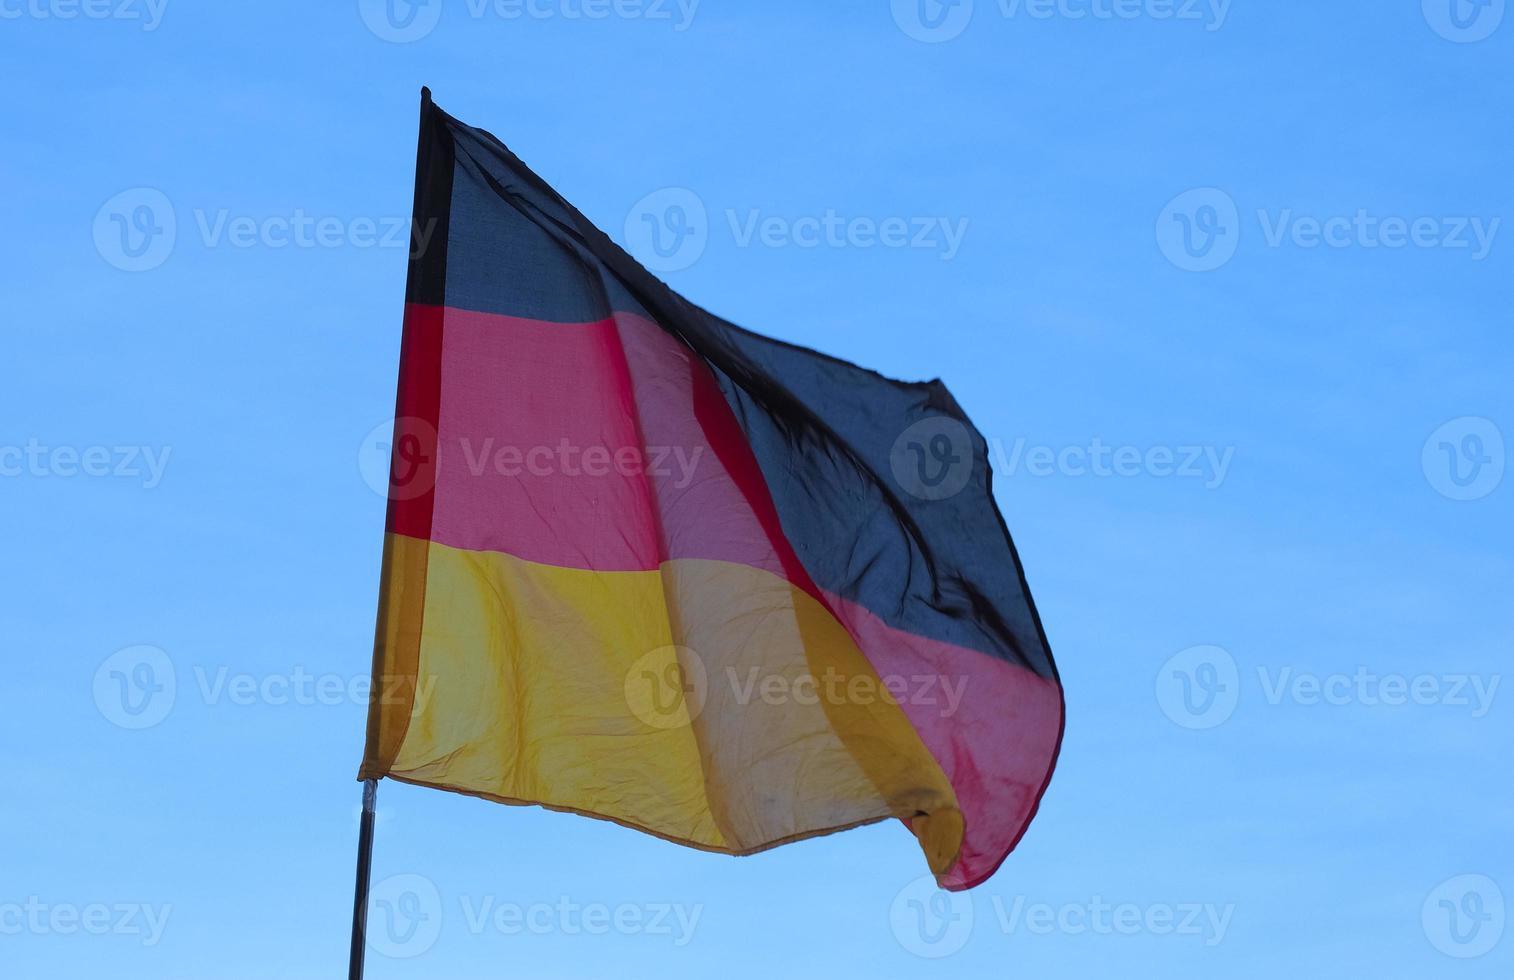 Tysklands tyska flagga över blå himmel foto